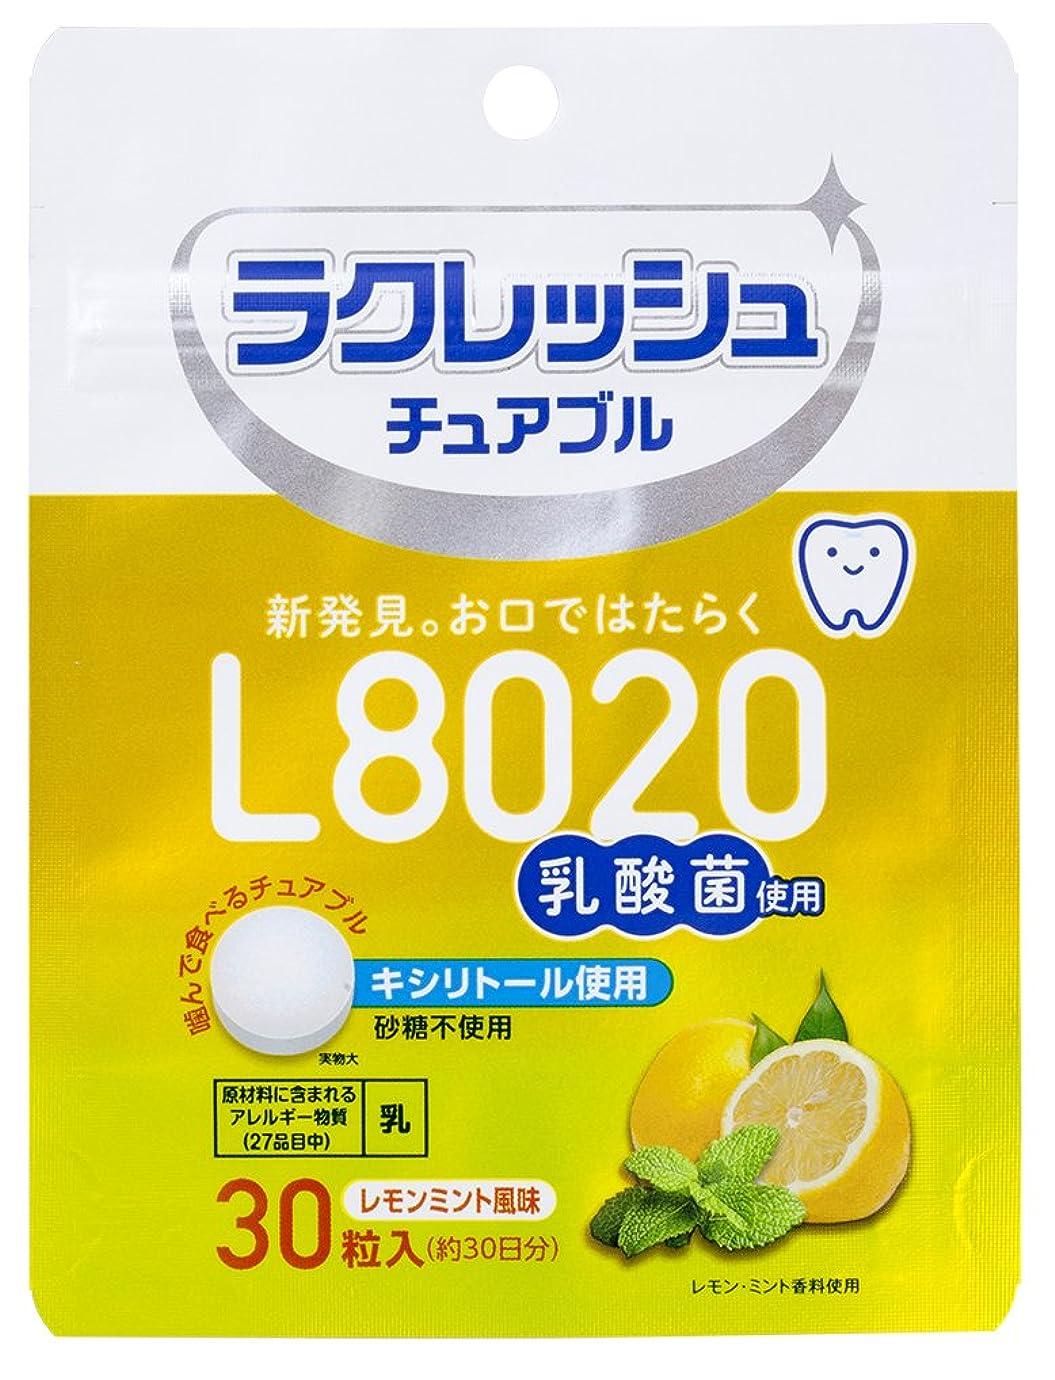 パラメータ手足サルベージラクレッシュ L8020 乳酸菌 チュアブル レモンミント風味 オーラルケア 30粒入